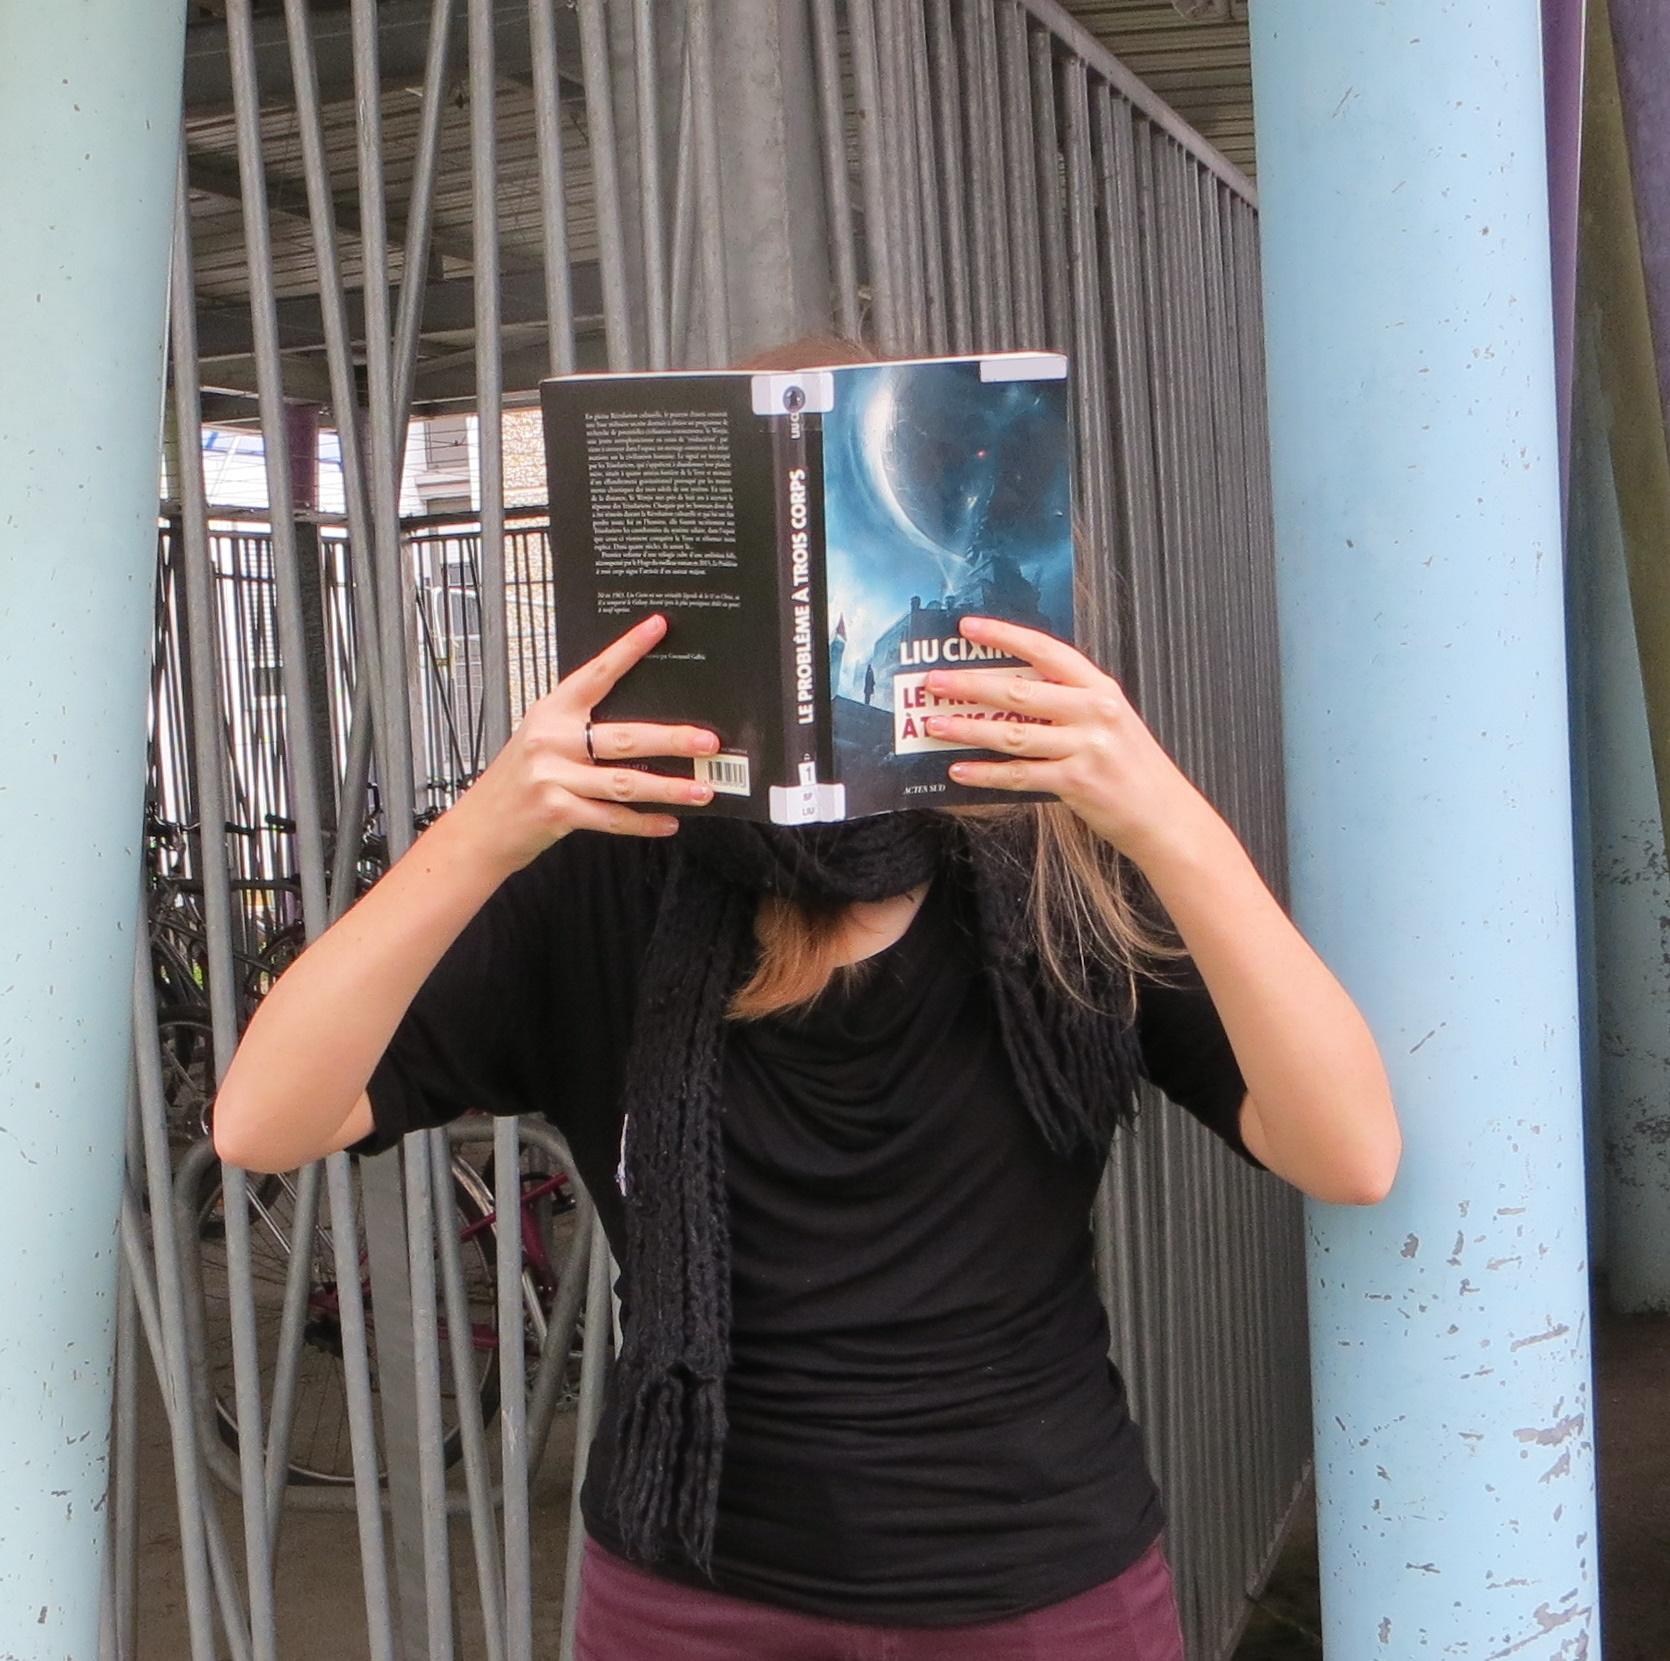 personne en noir lisant Le Problème à Trois Corps de Liu Cixin devant une grille et des piliers colorés